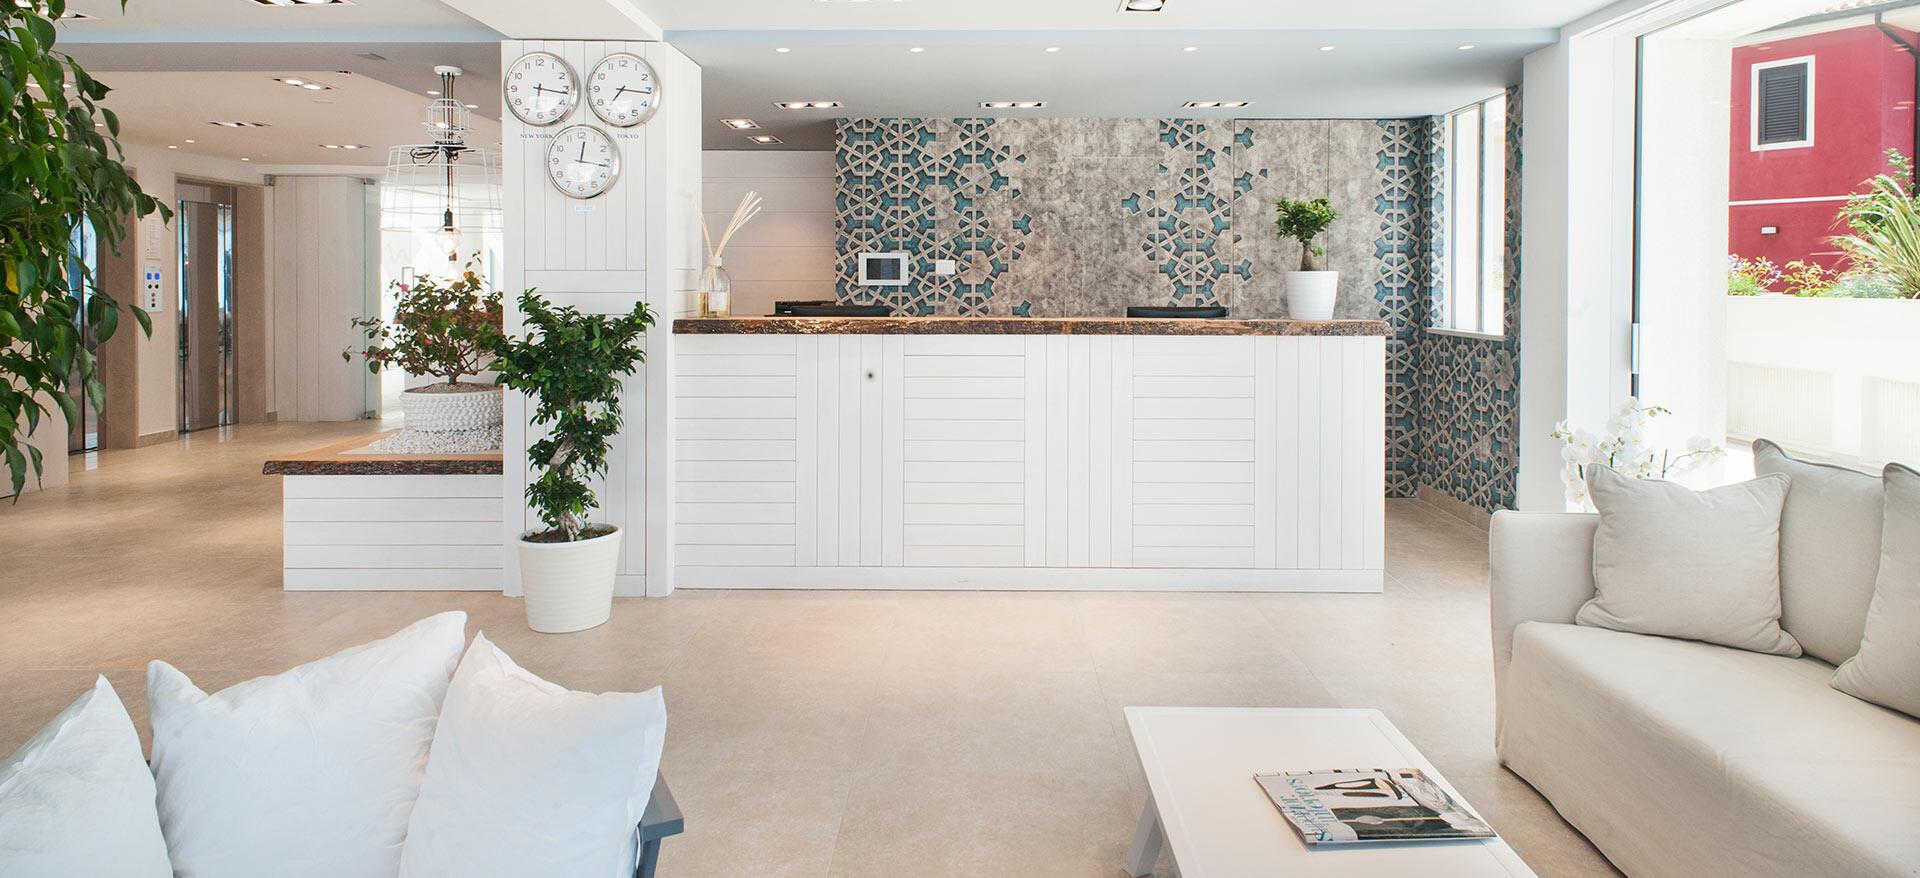 lindberghhotels it home 022